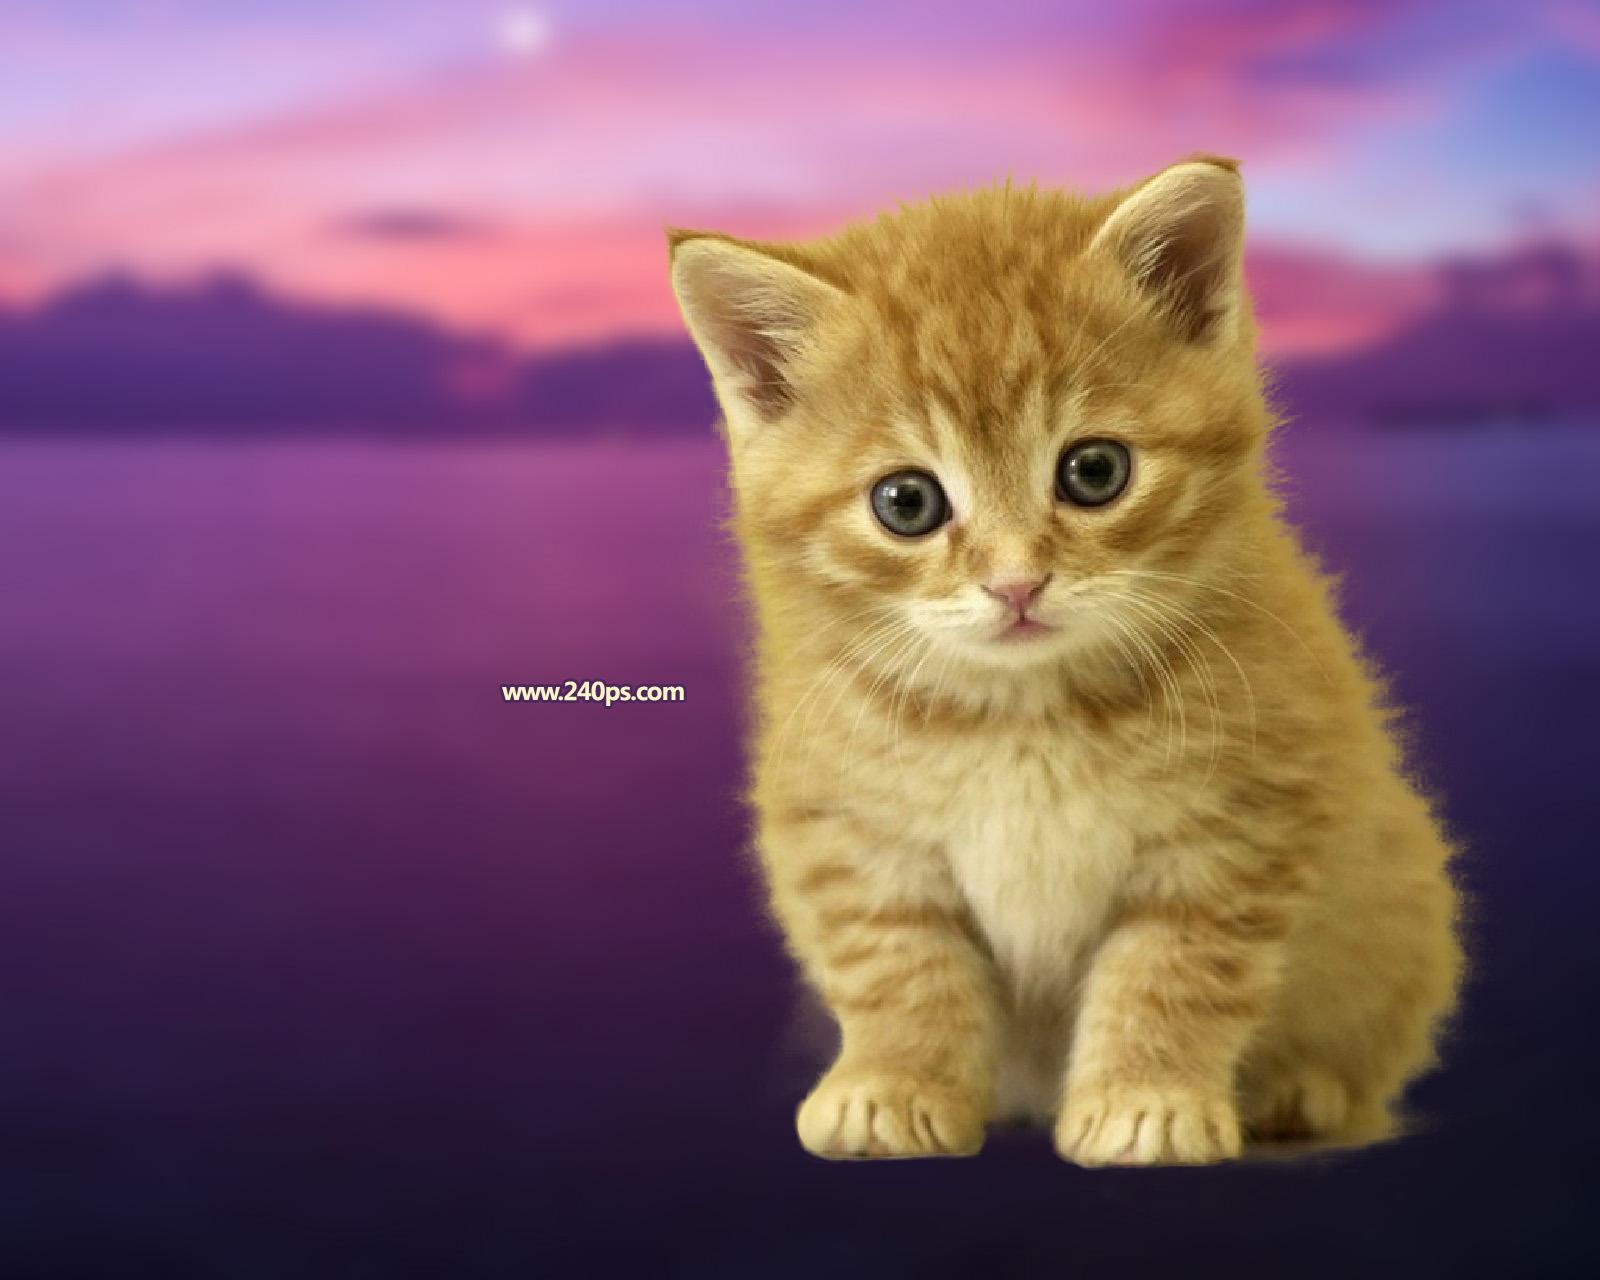 ps调整边缘抠出可爱的小猫